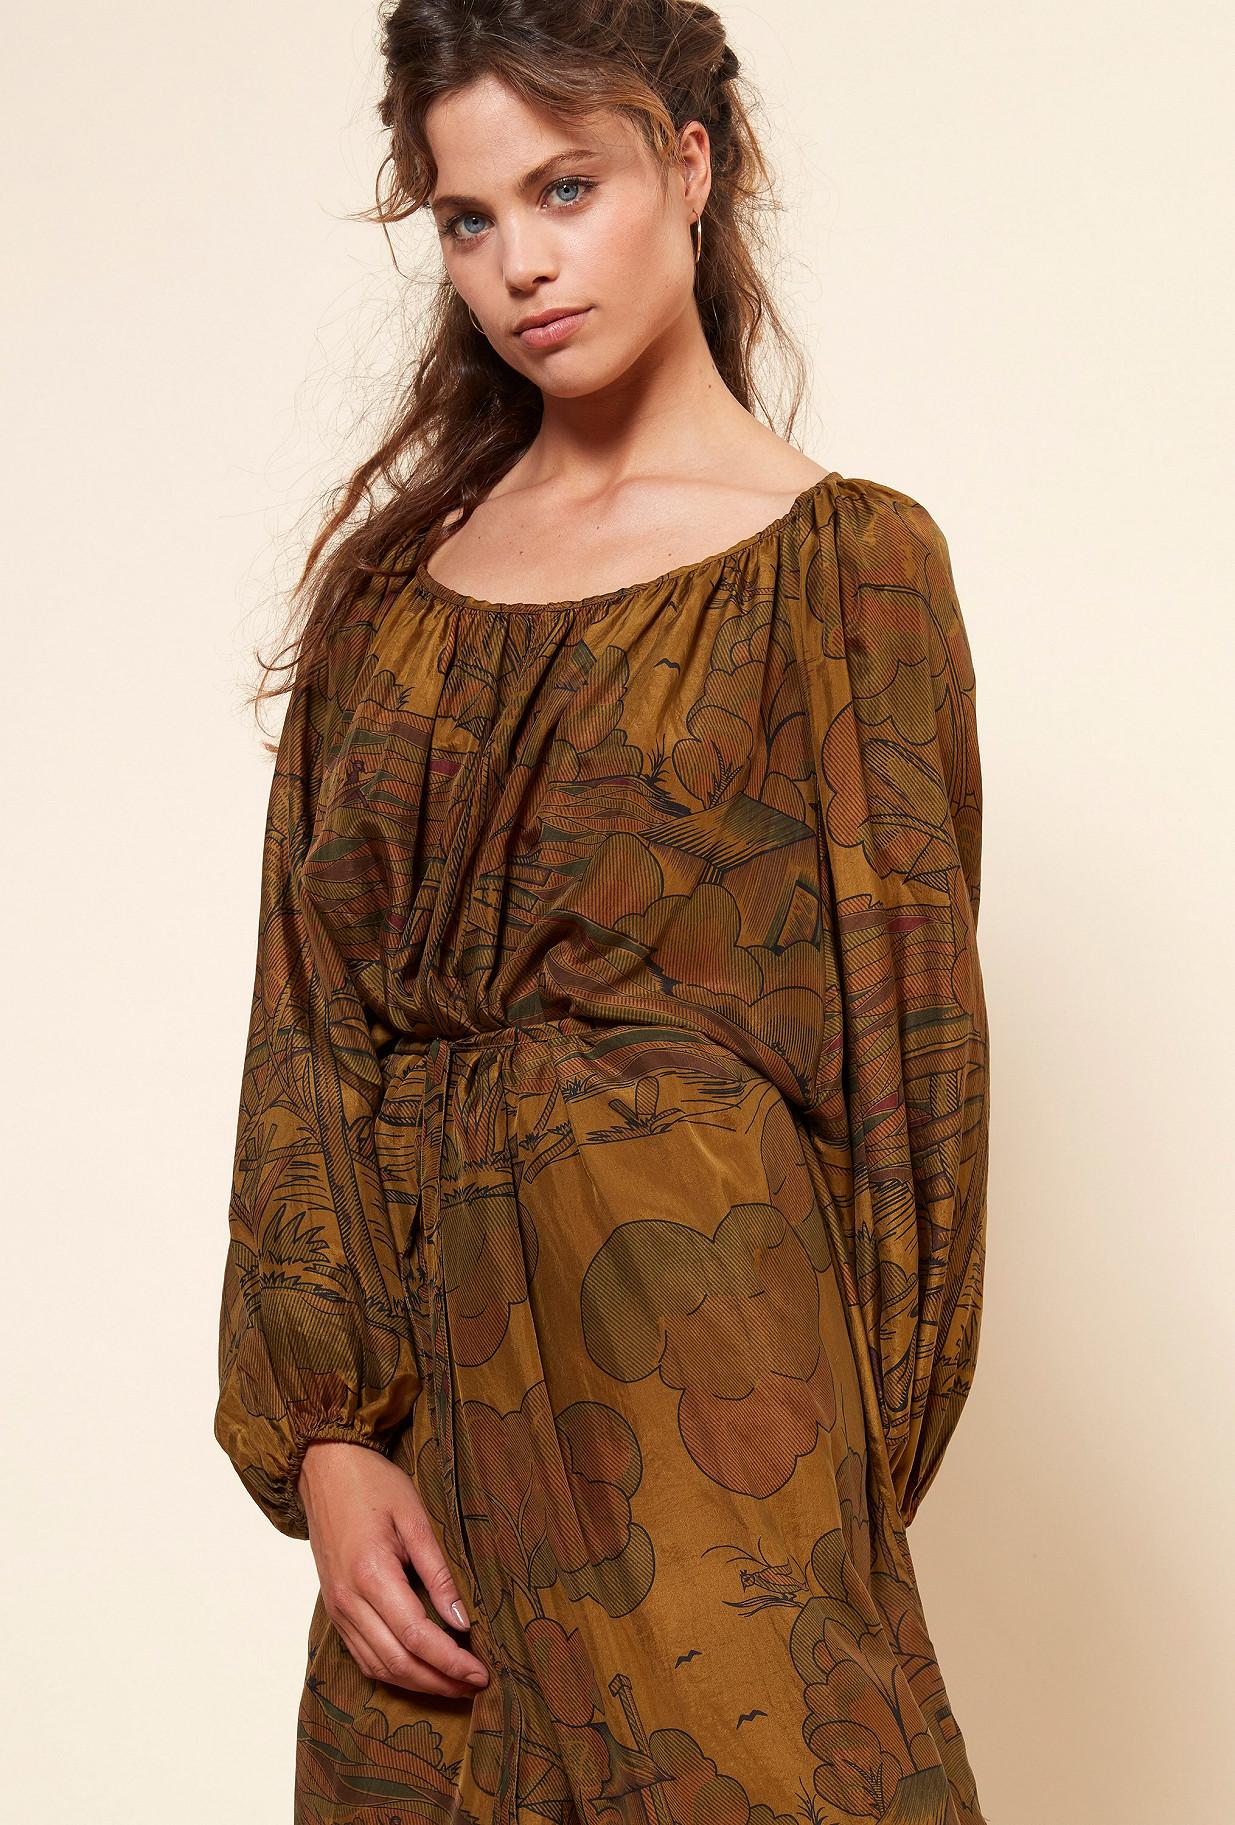 Paris clothes store Dress  Cyprille french designer fashion Paris